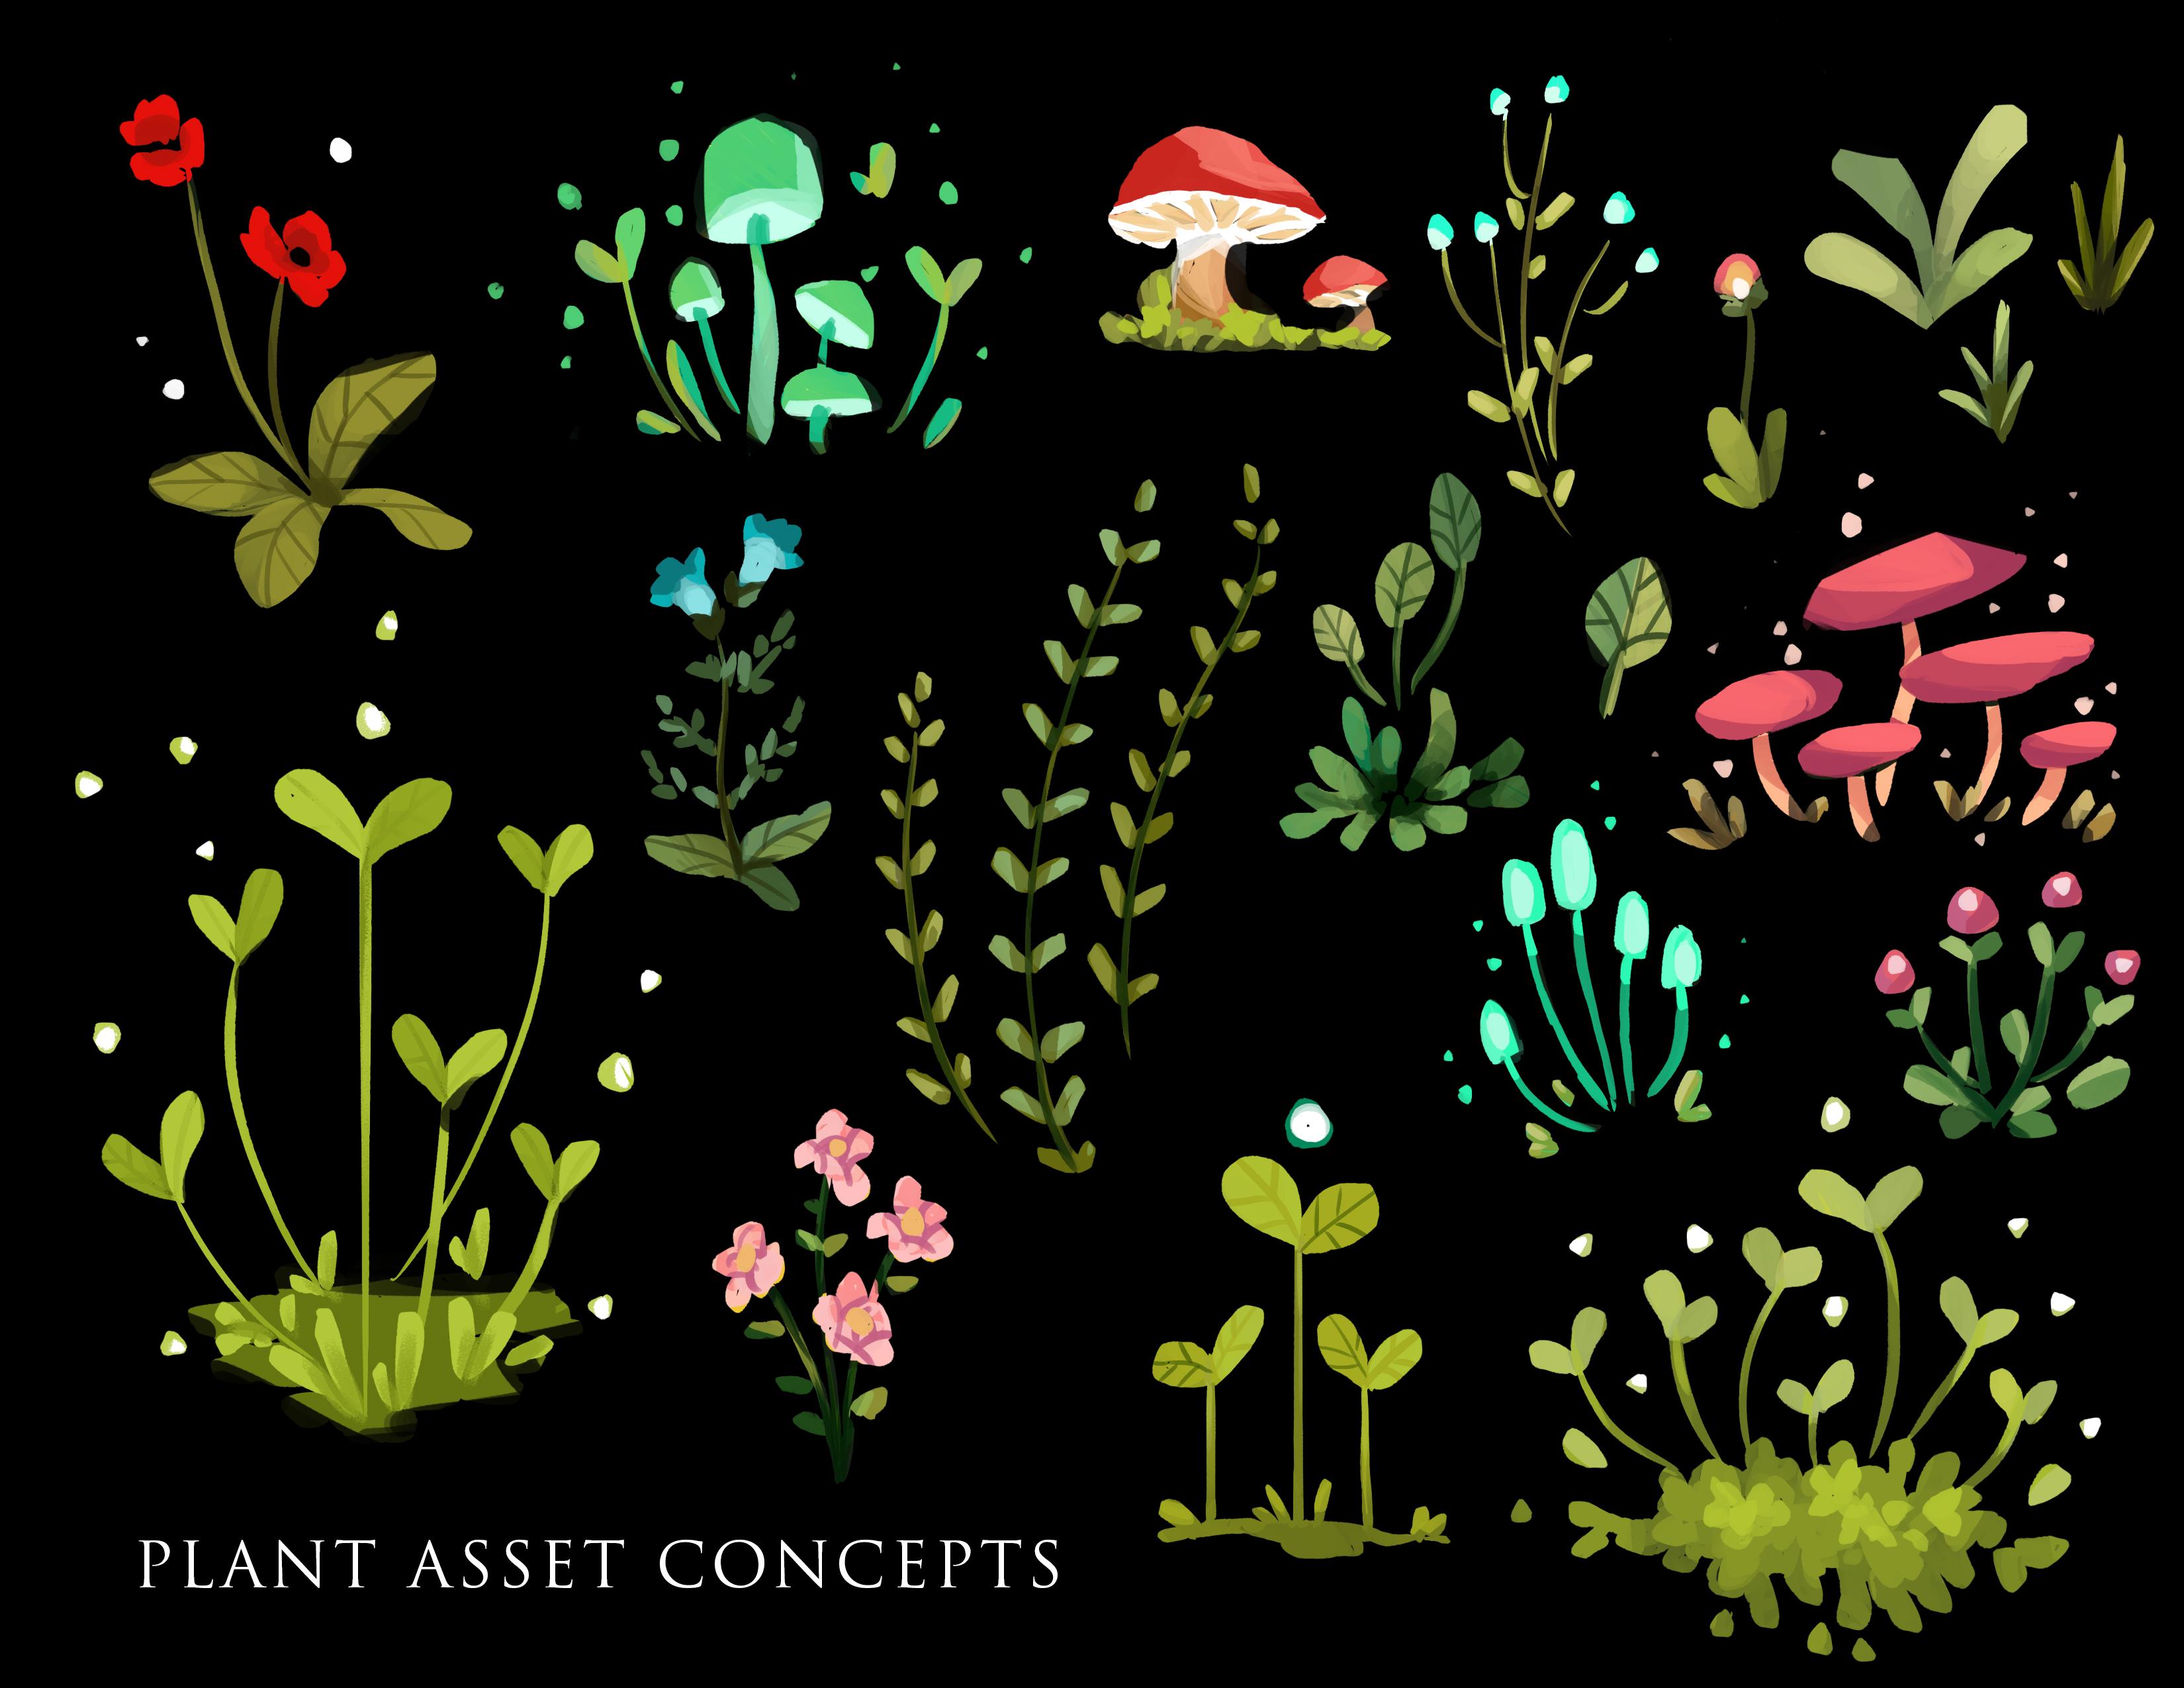 plant asset concepts